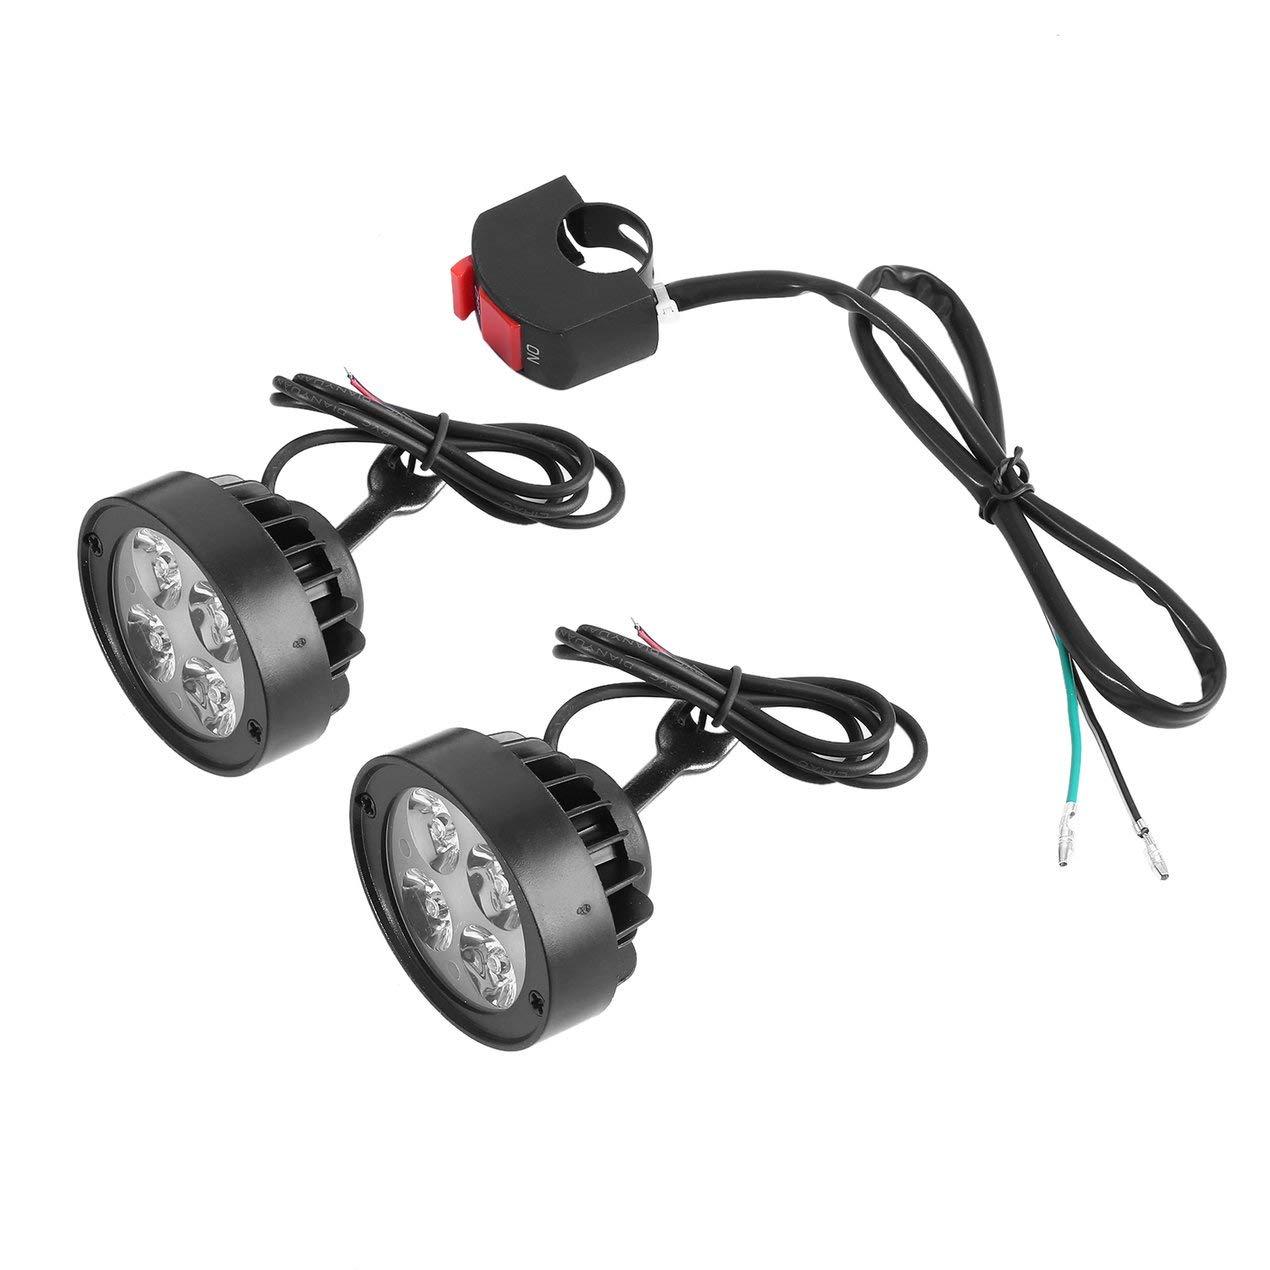 Super Clear 1000Lm llevó la Linterna de la Motocicleta de la lámpara del proyector de la Niebla Scooters Locomotora Super Light Assist Espejo retrovisor Luz Dooret